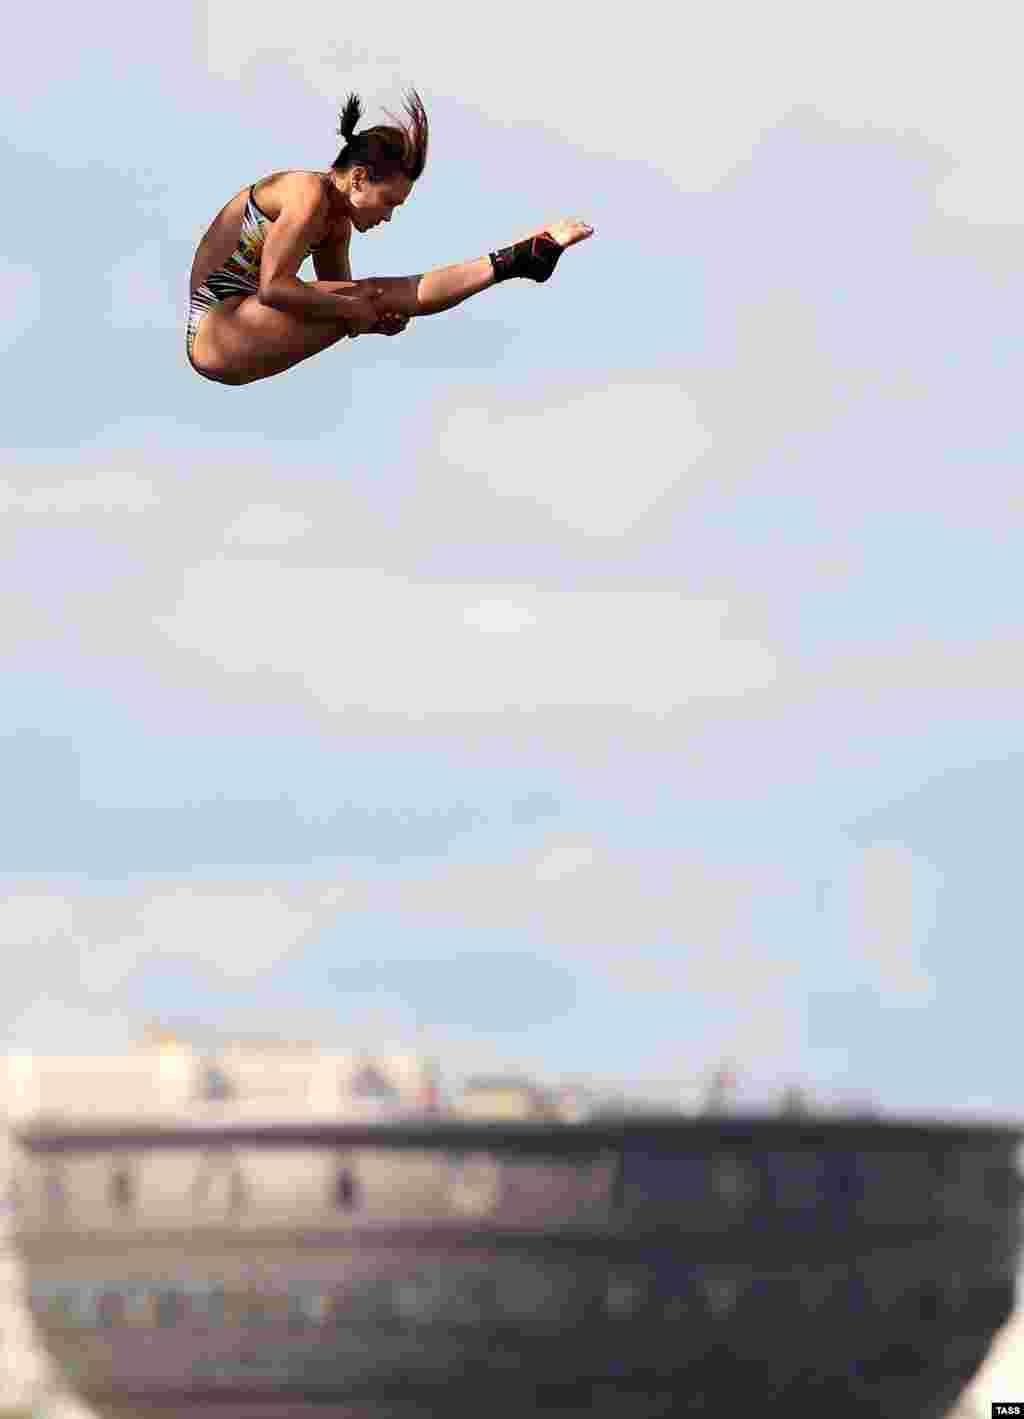 К сожалению, во время тренировки одна из участниц неудачно приземлилась на воду из-за чего не смогла выступить на самом чемпионате На фото - немецкая спортсменка Анна Бадер прыгает с 20 метров